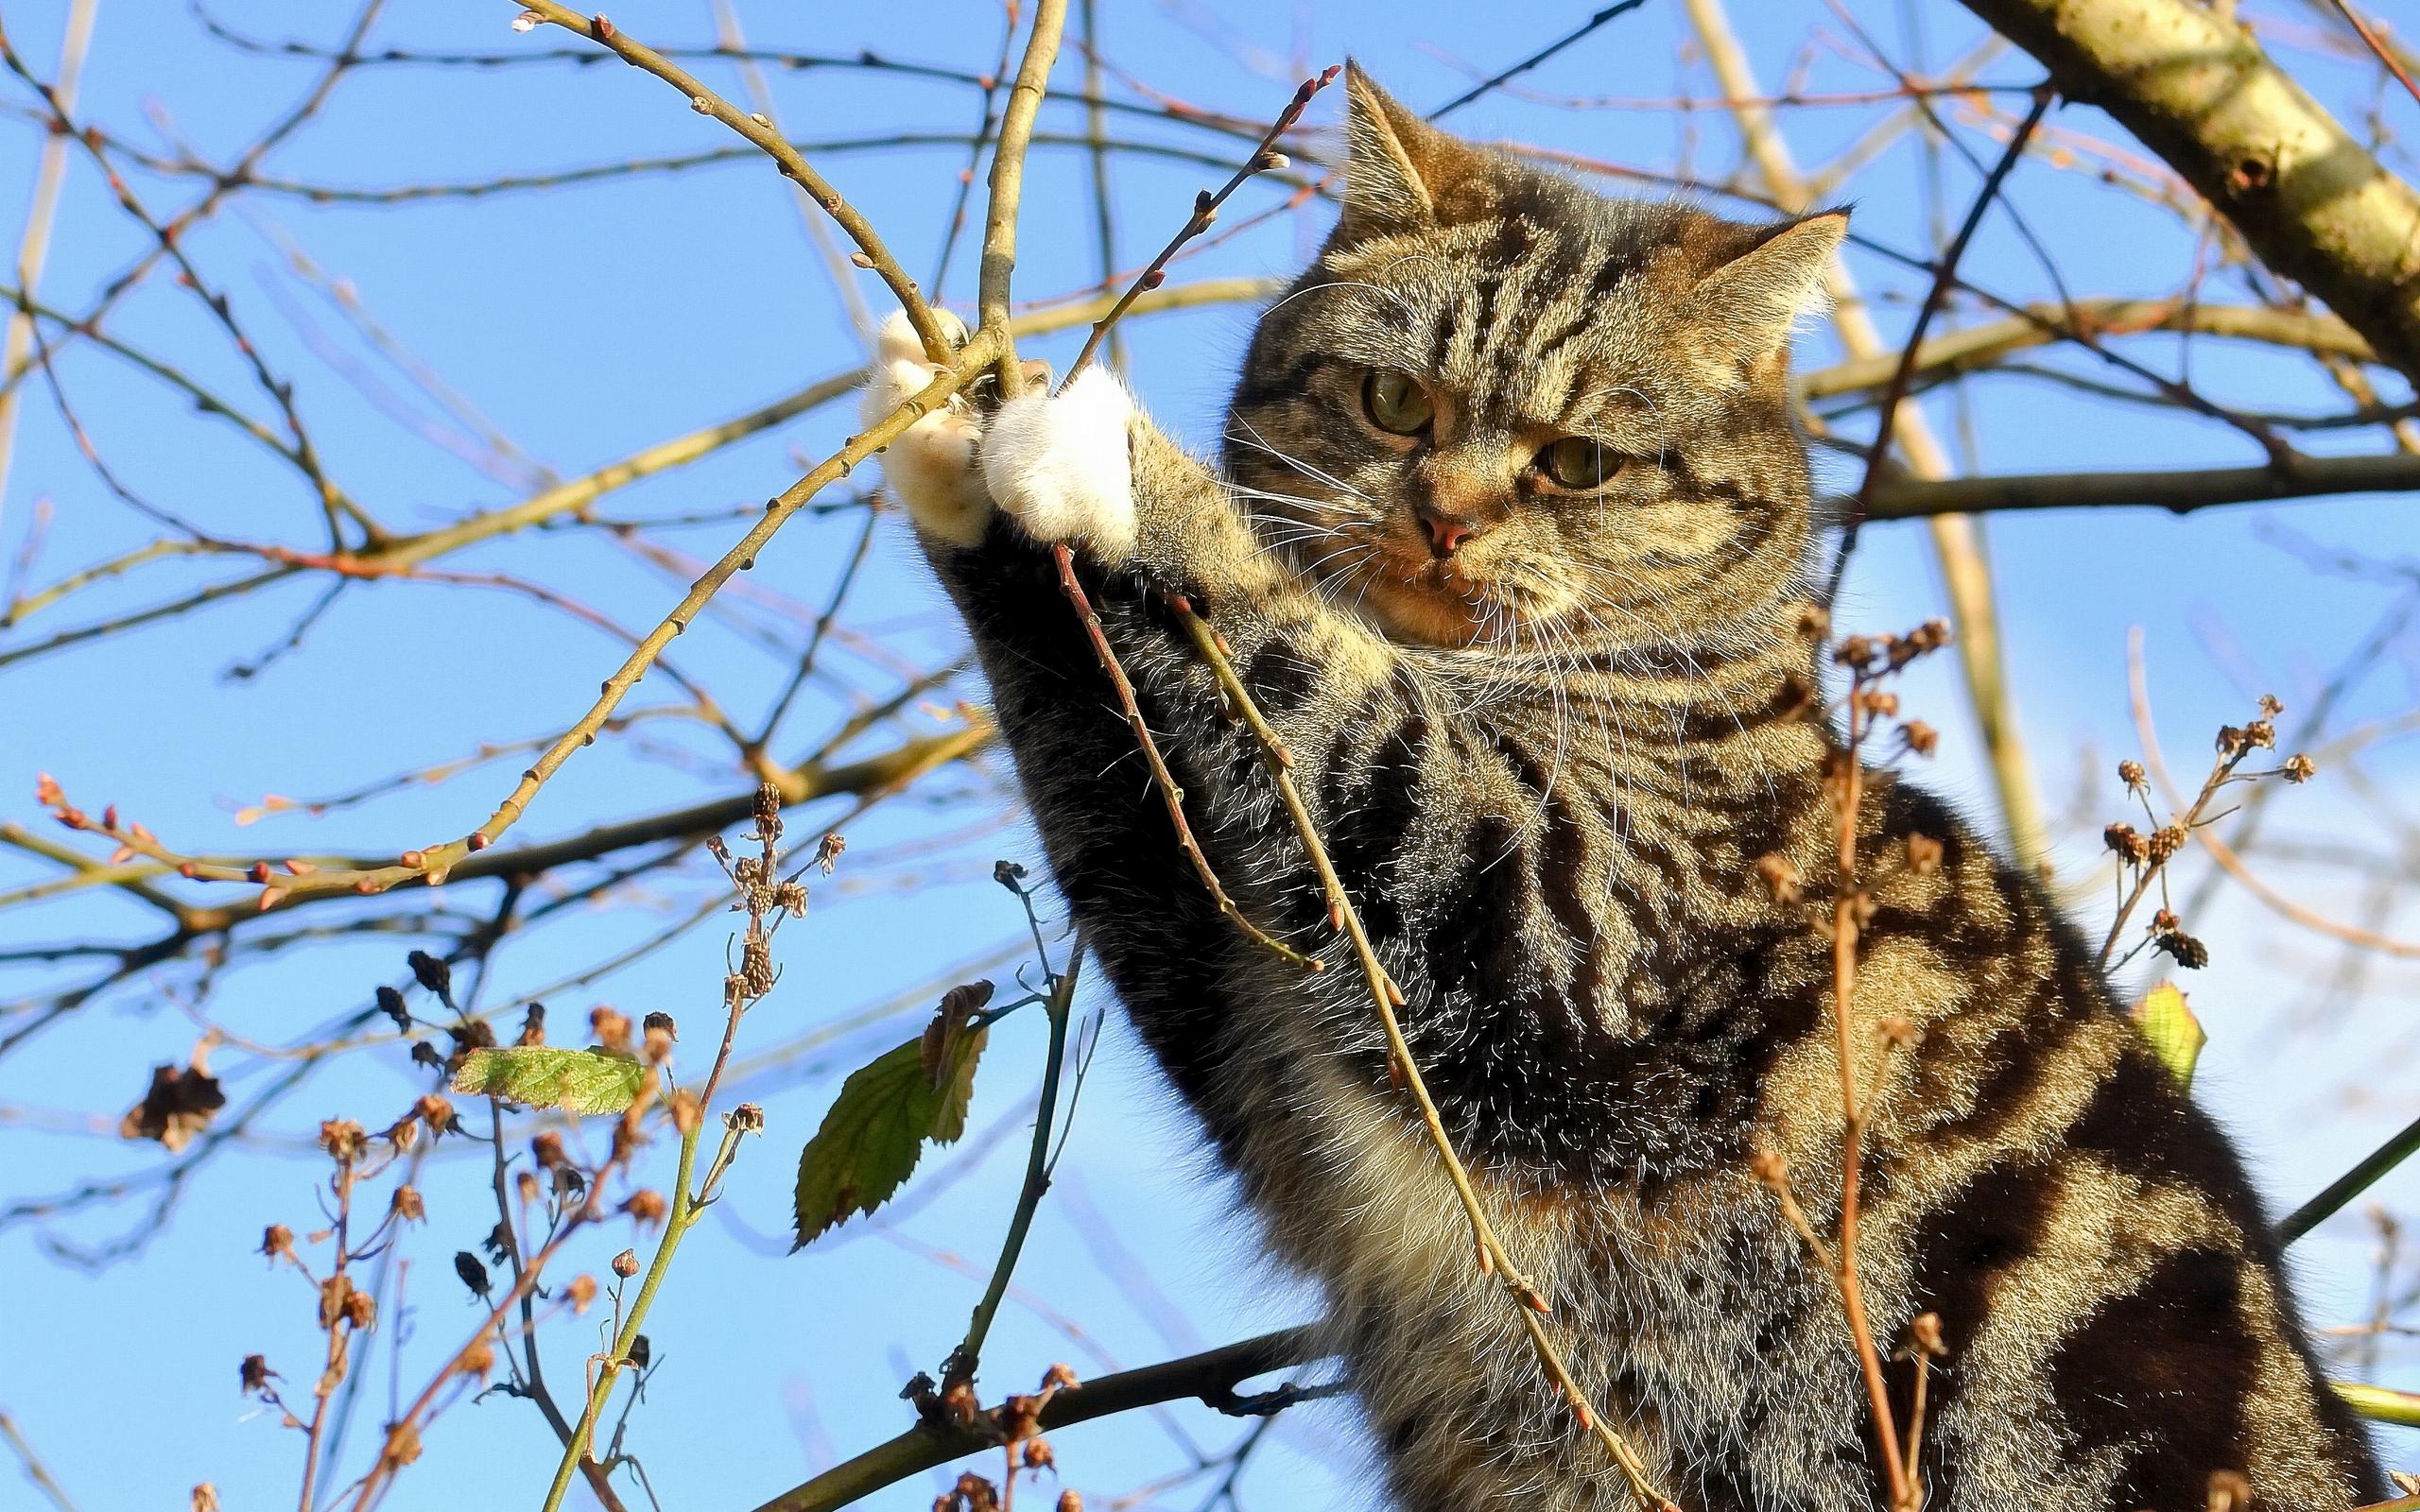 Кот на ветке  № 1118359 бесплатно